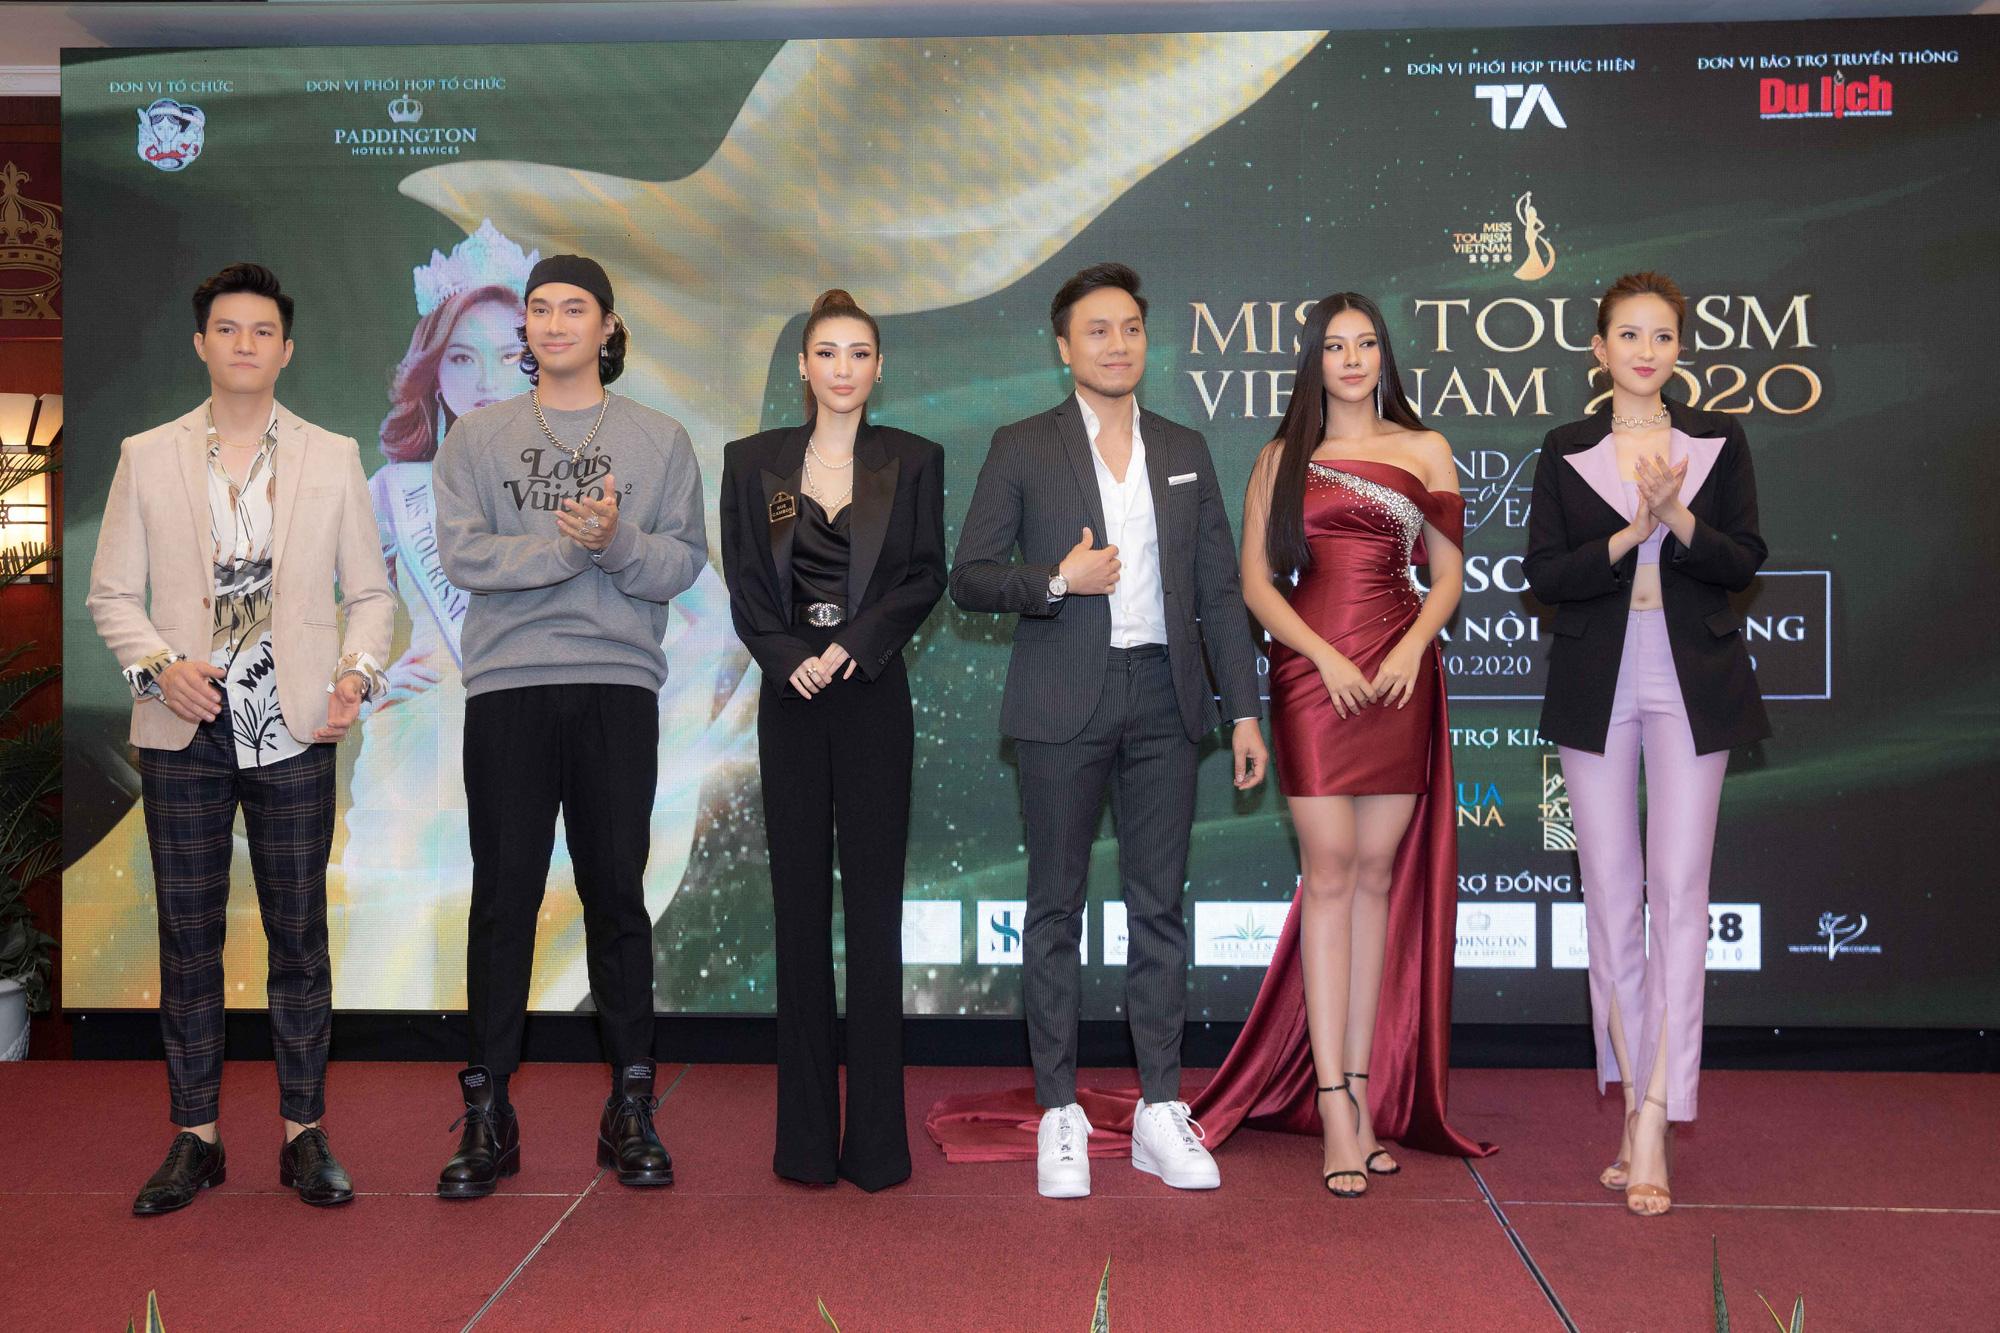 Dàn thí sinh Miss Tourism trình diễn thời trang giữa vườn treo - Ảnh 2.